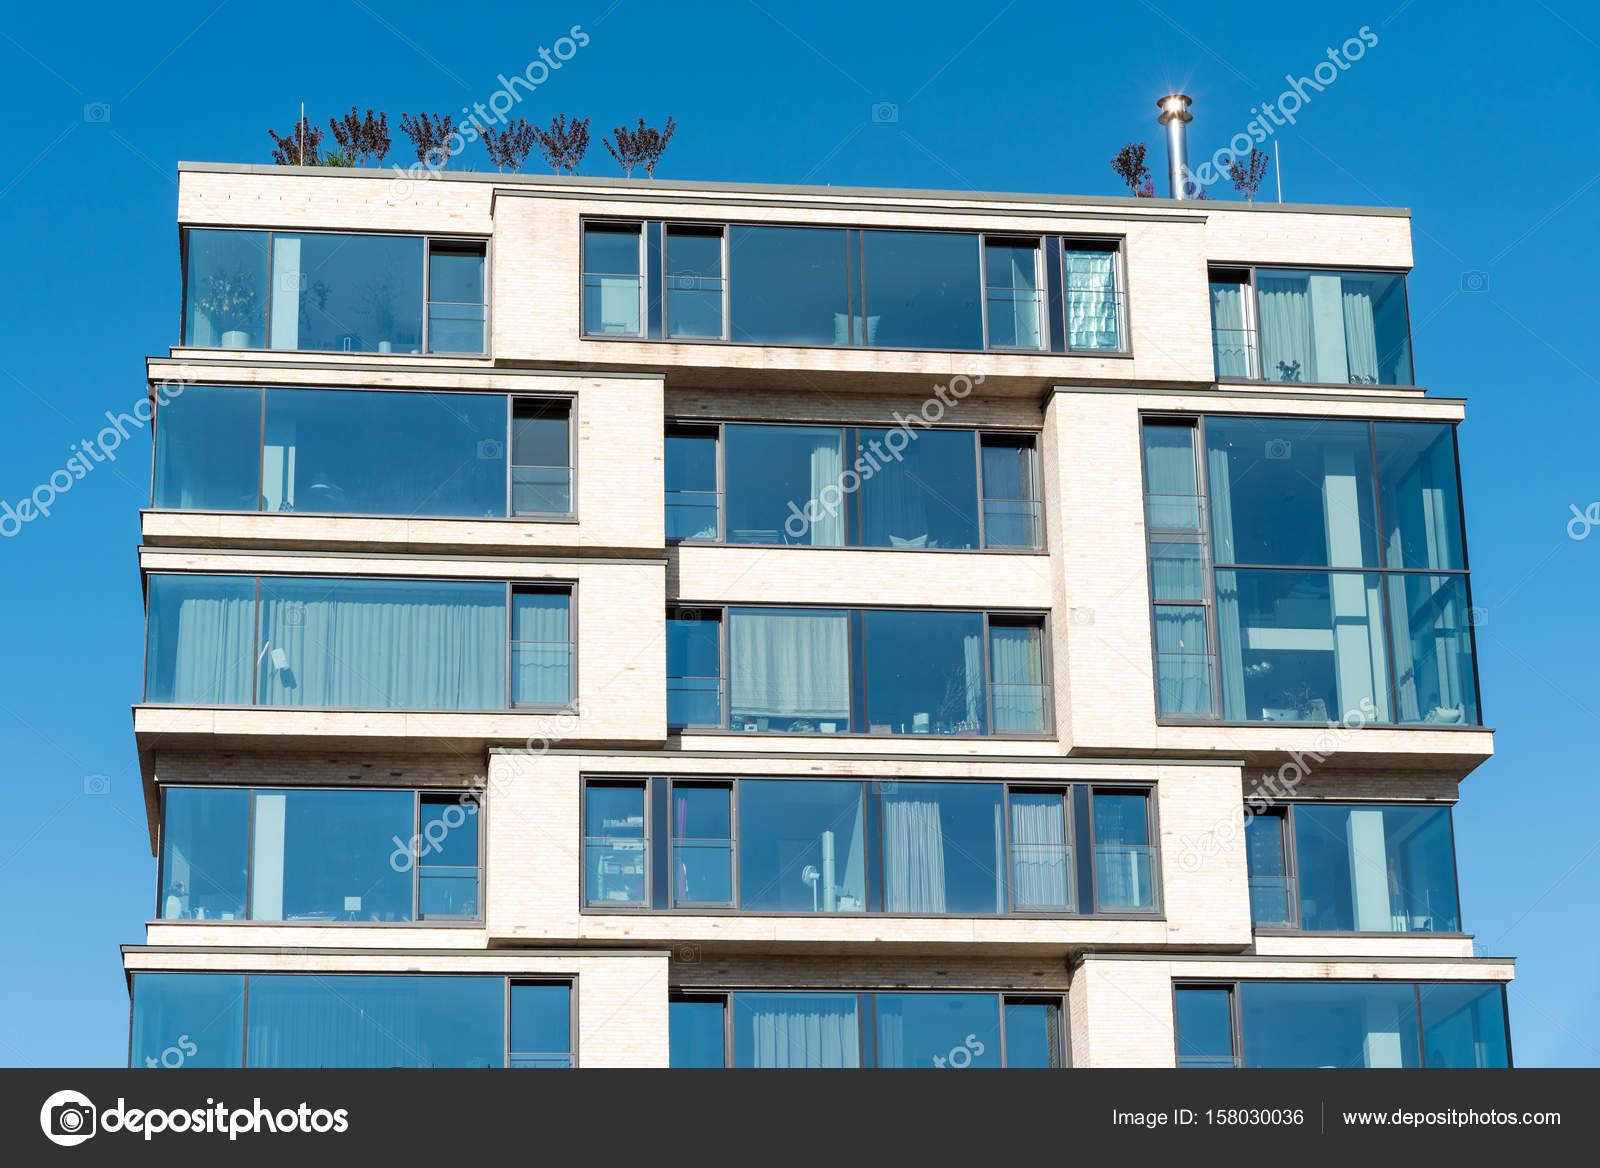 Modernes Appartement Haus Mit Viel Glas Stockfoto C Elxeneize